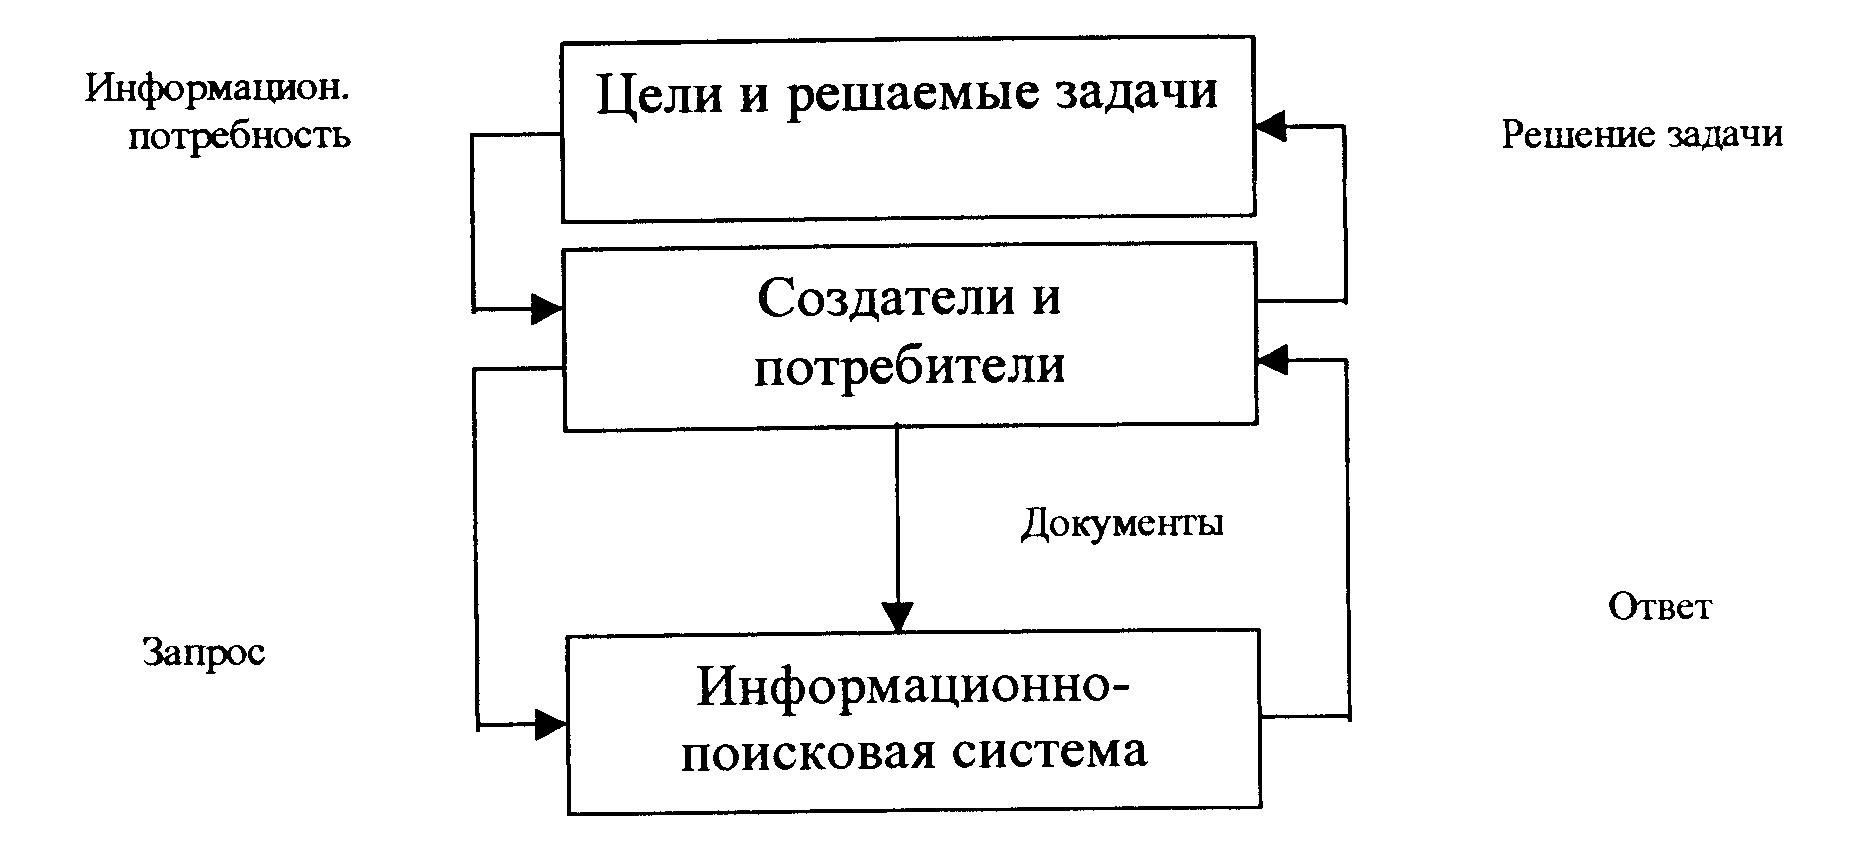 Типовая схема информационно-поисковой системы